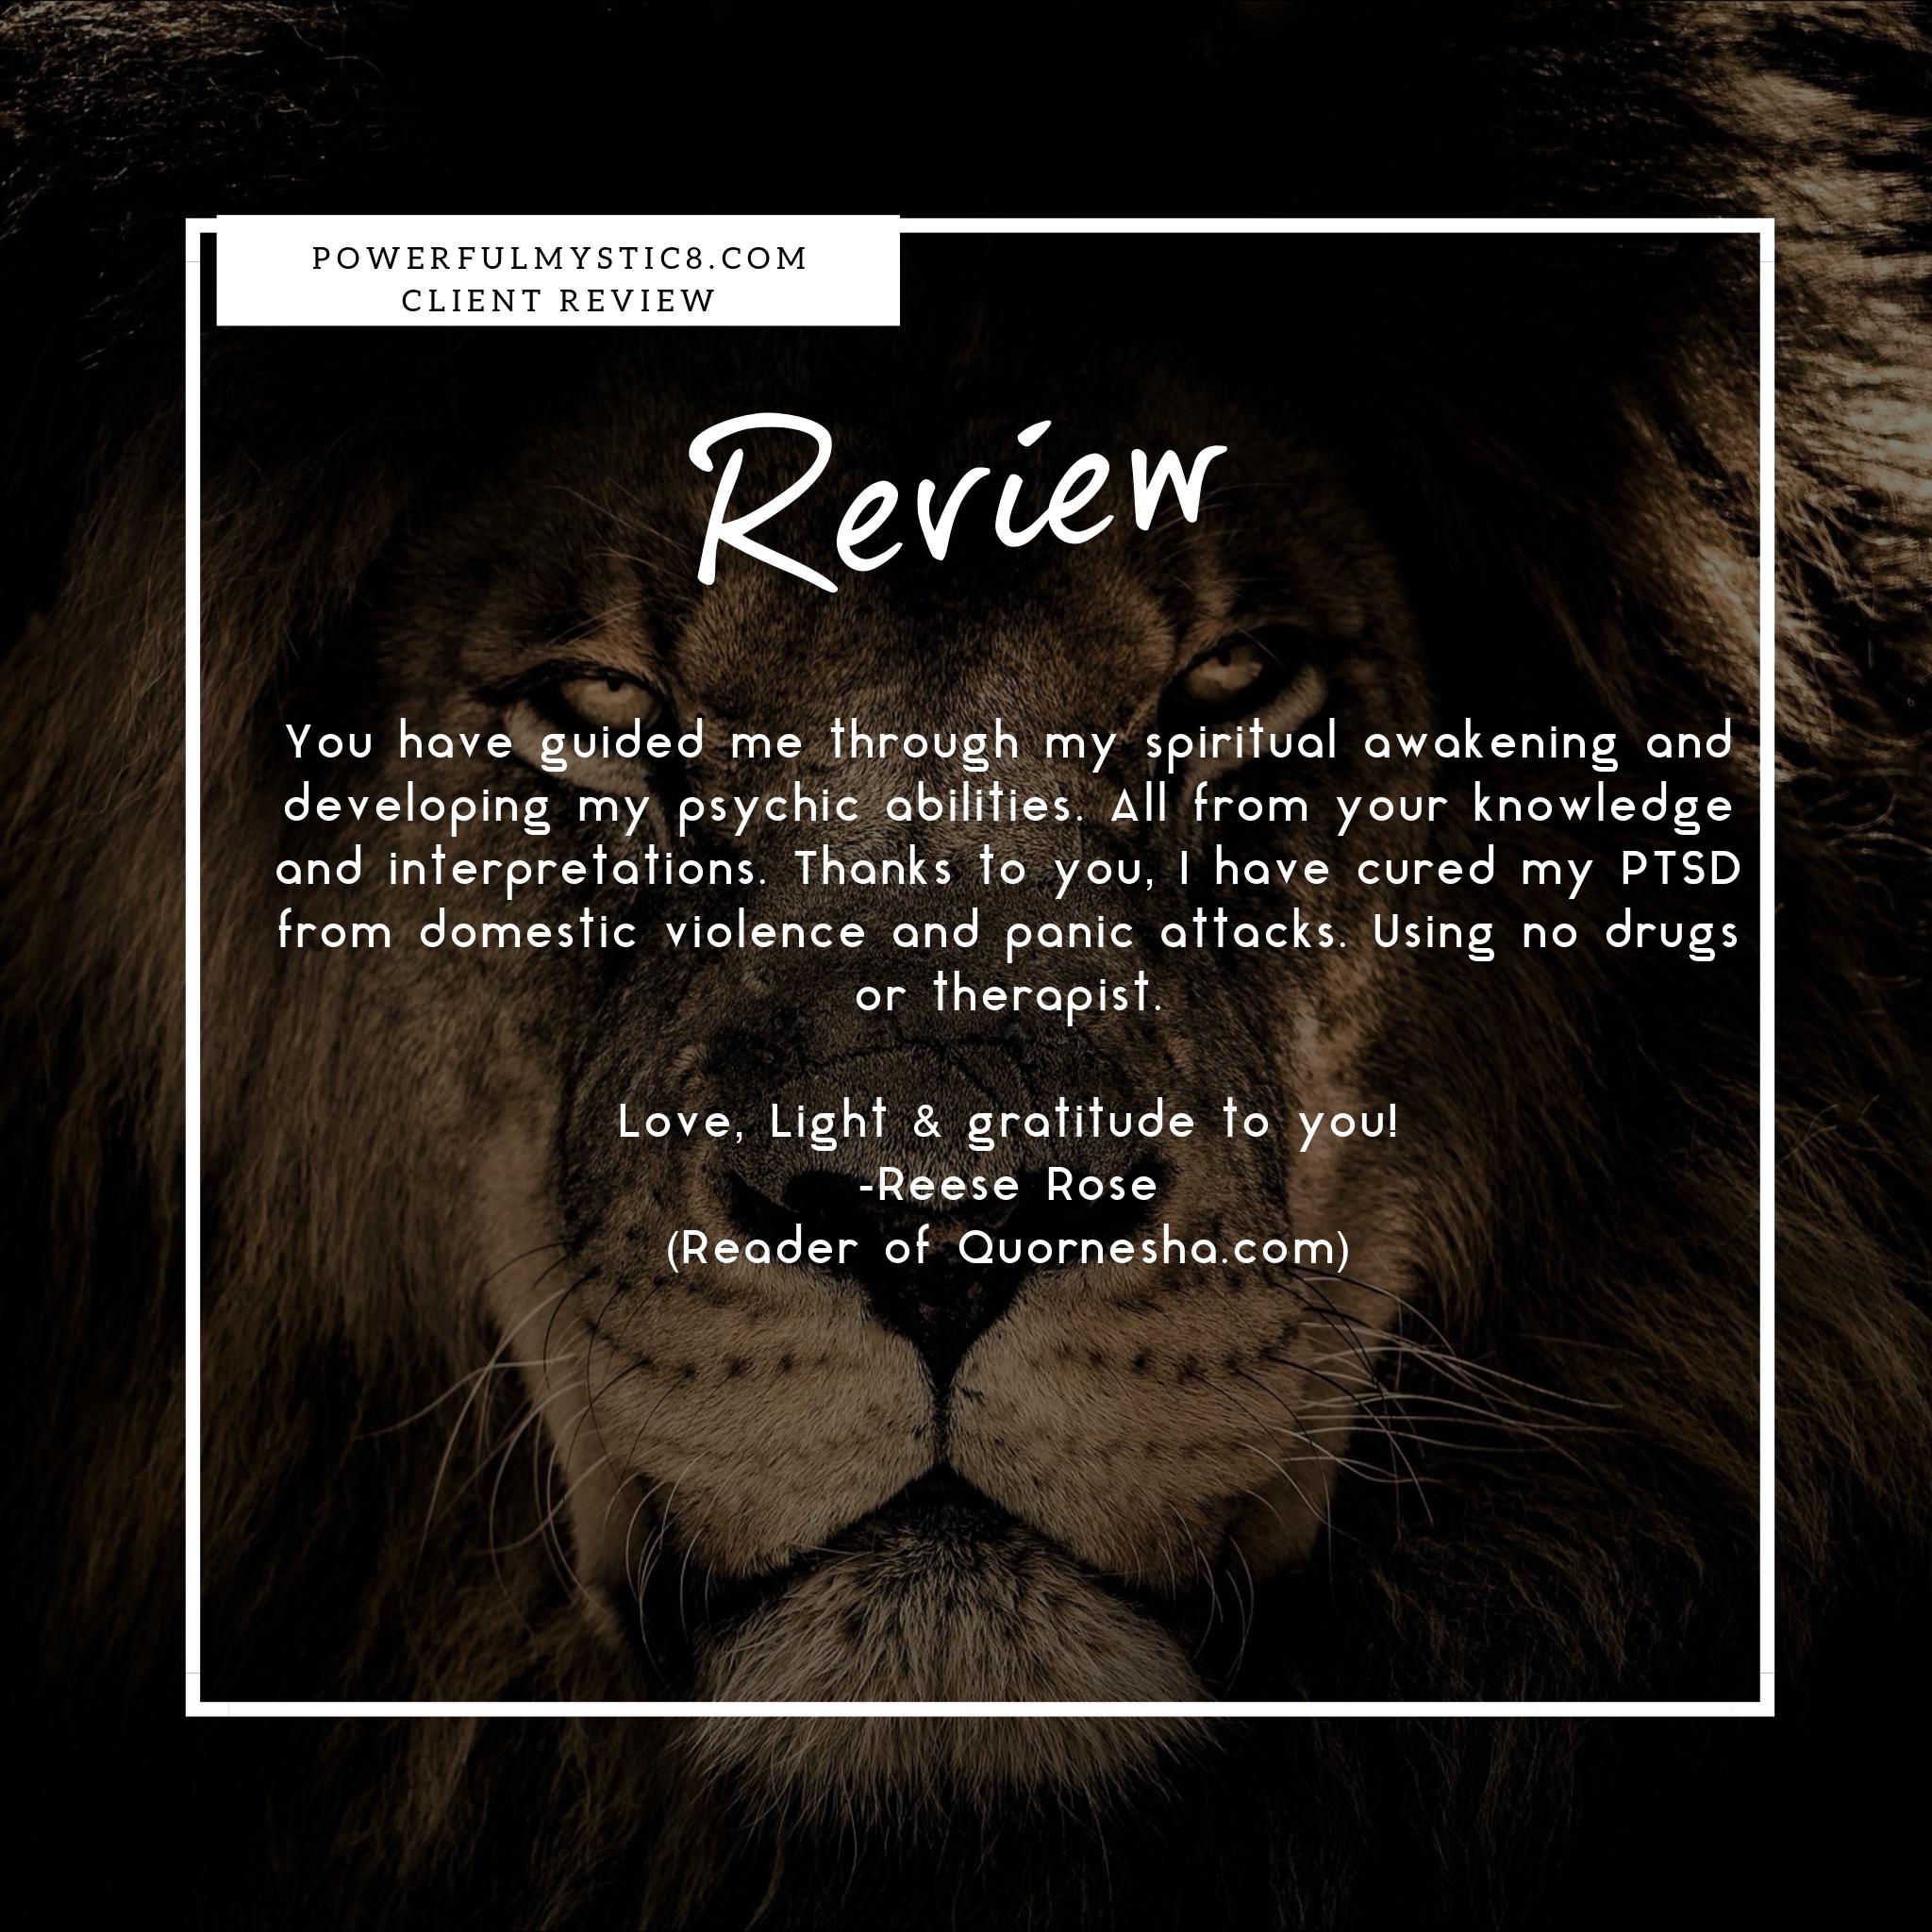 review-quornesha.com.jpg